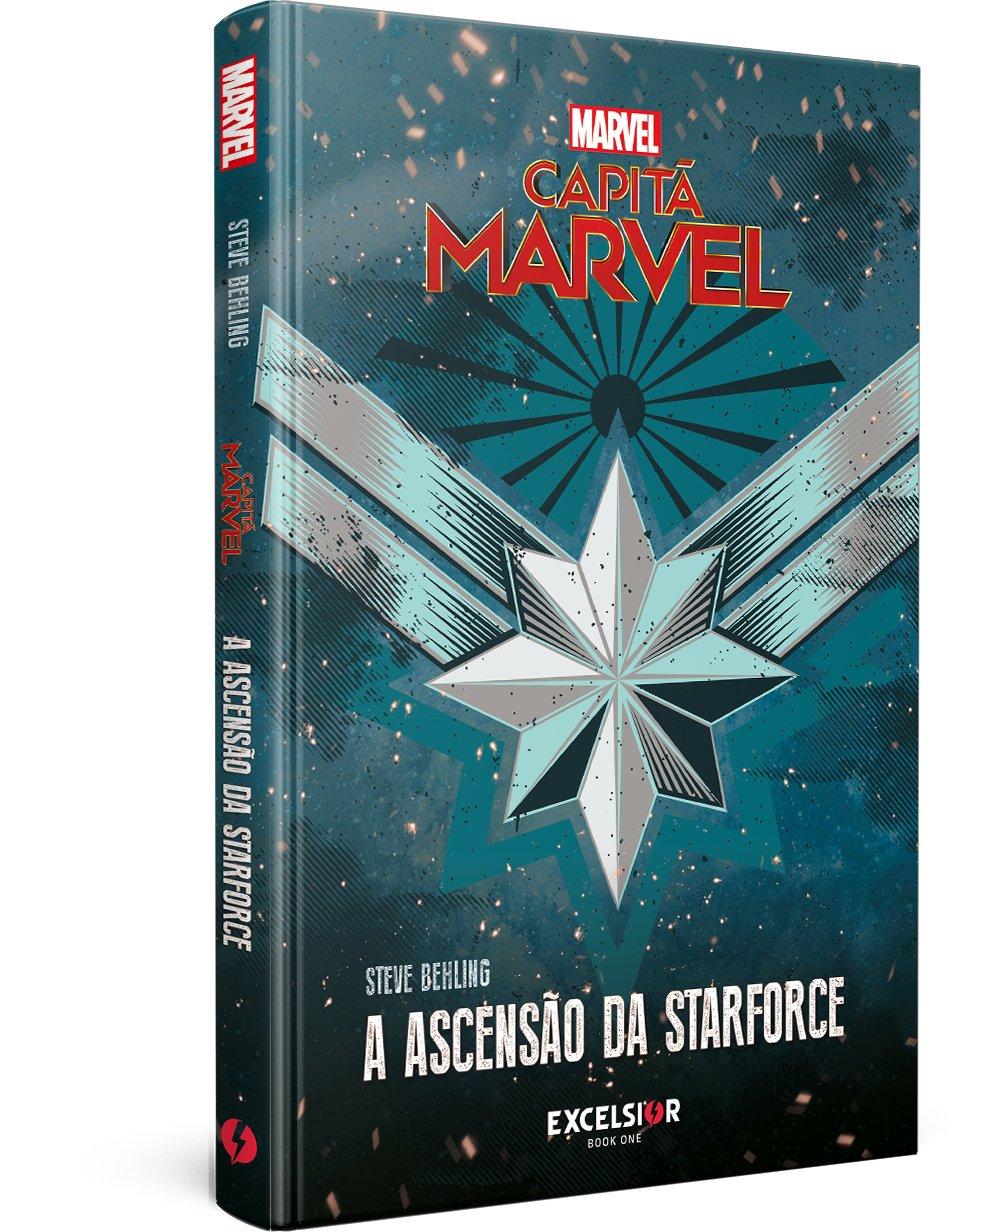 Capita Marvel: a Ascensao da Starforce